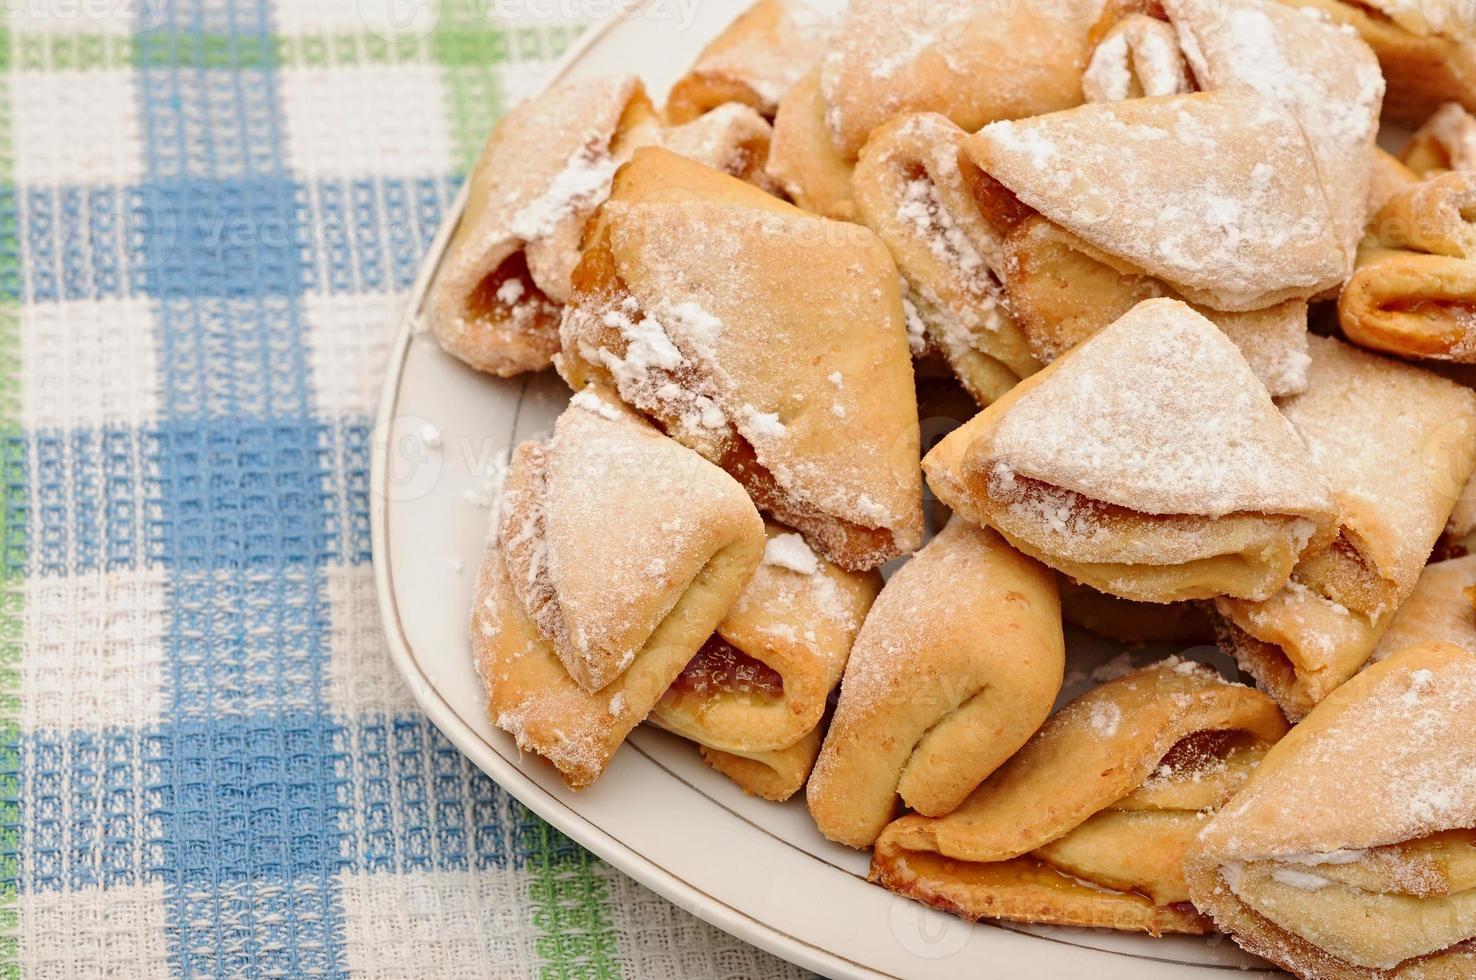 biscuits au fromage cottage maison avec confiture de pommes photo